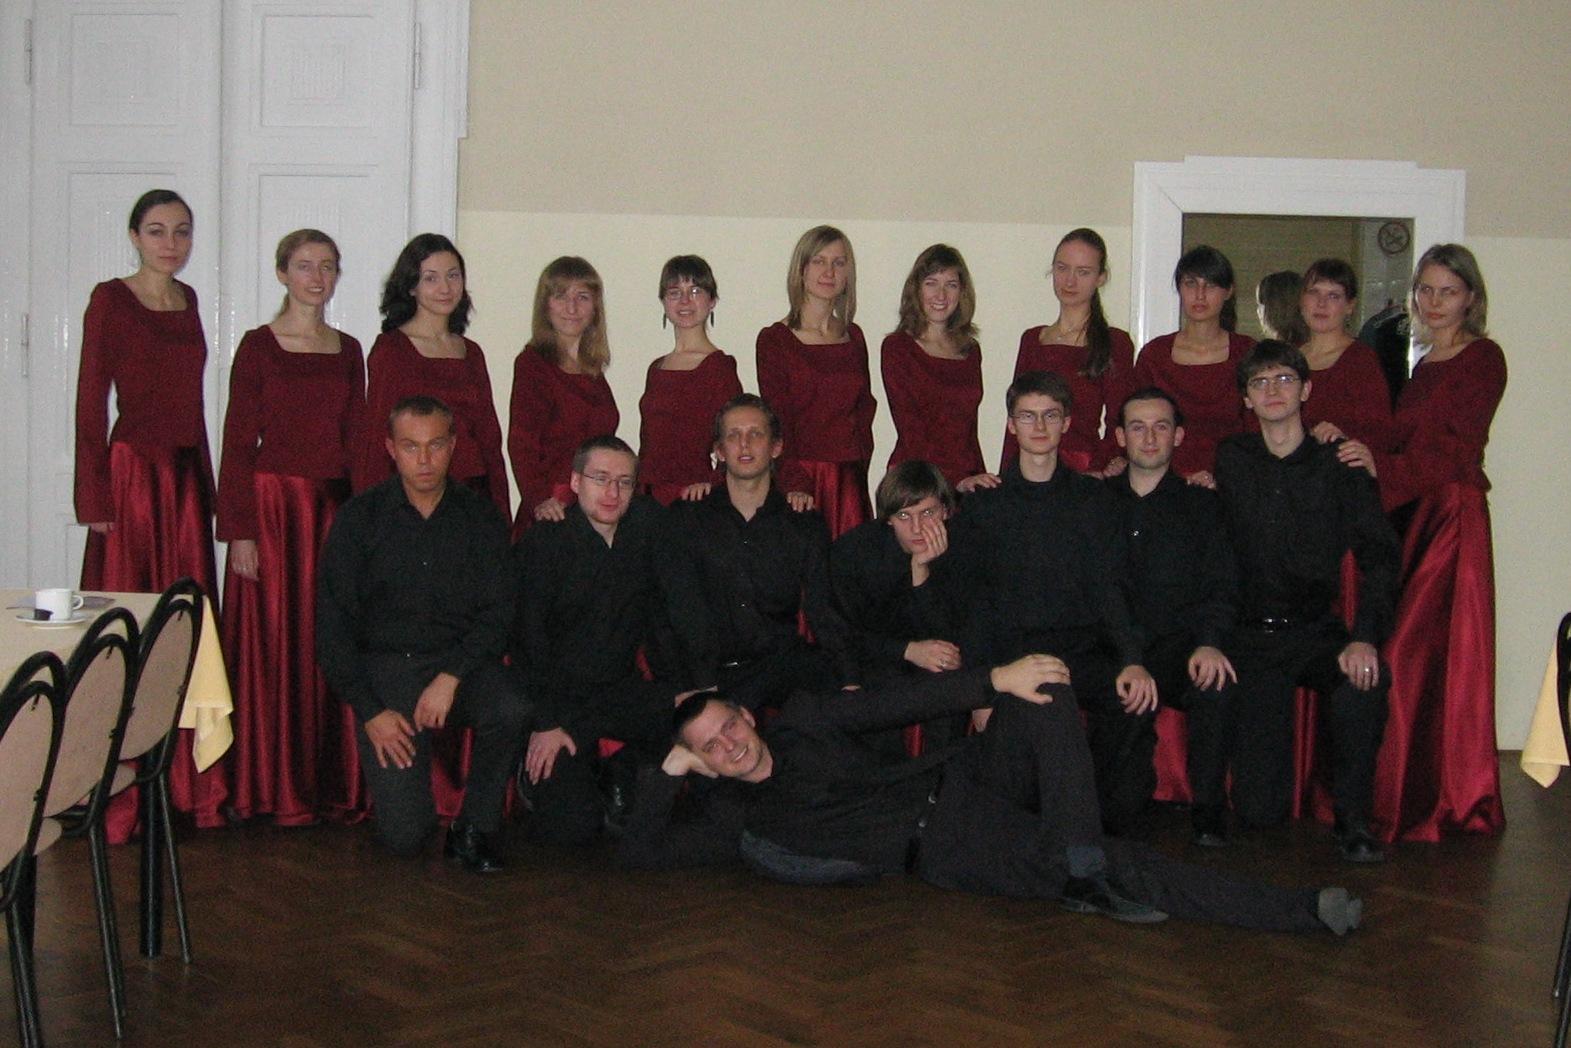 festiwal-piesni-adwentowej-w-pradze-grudzien-2009